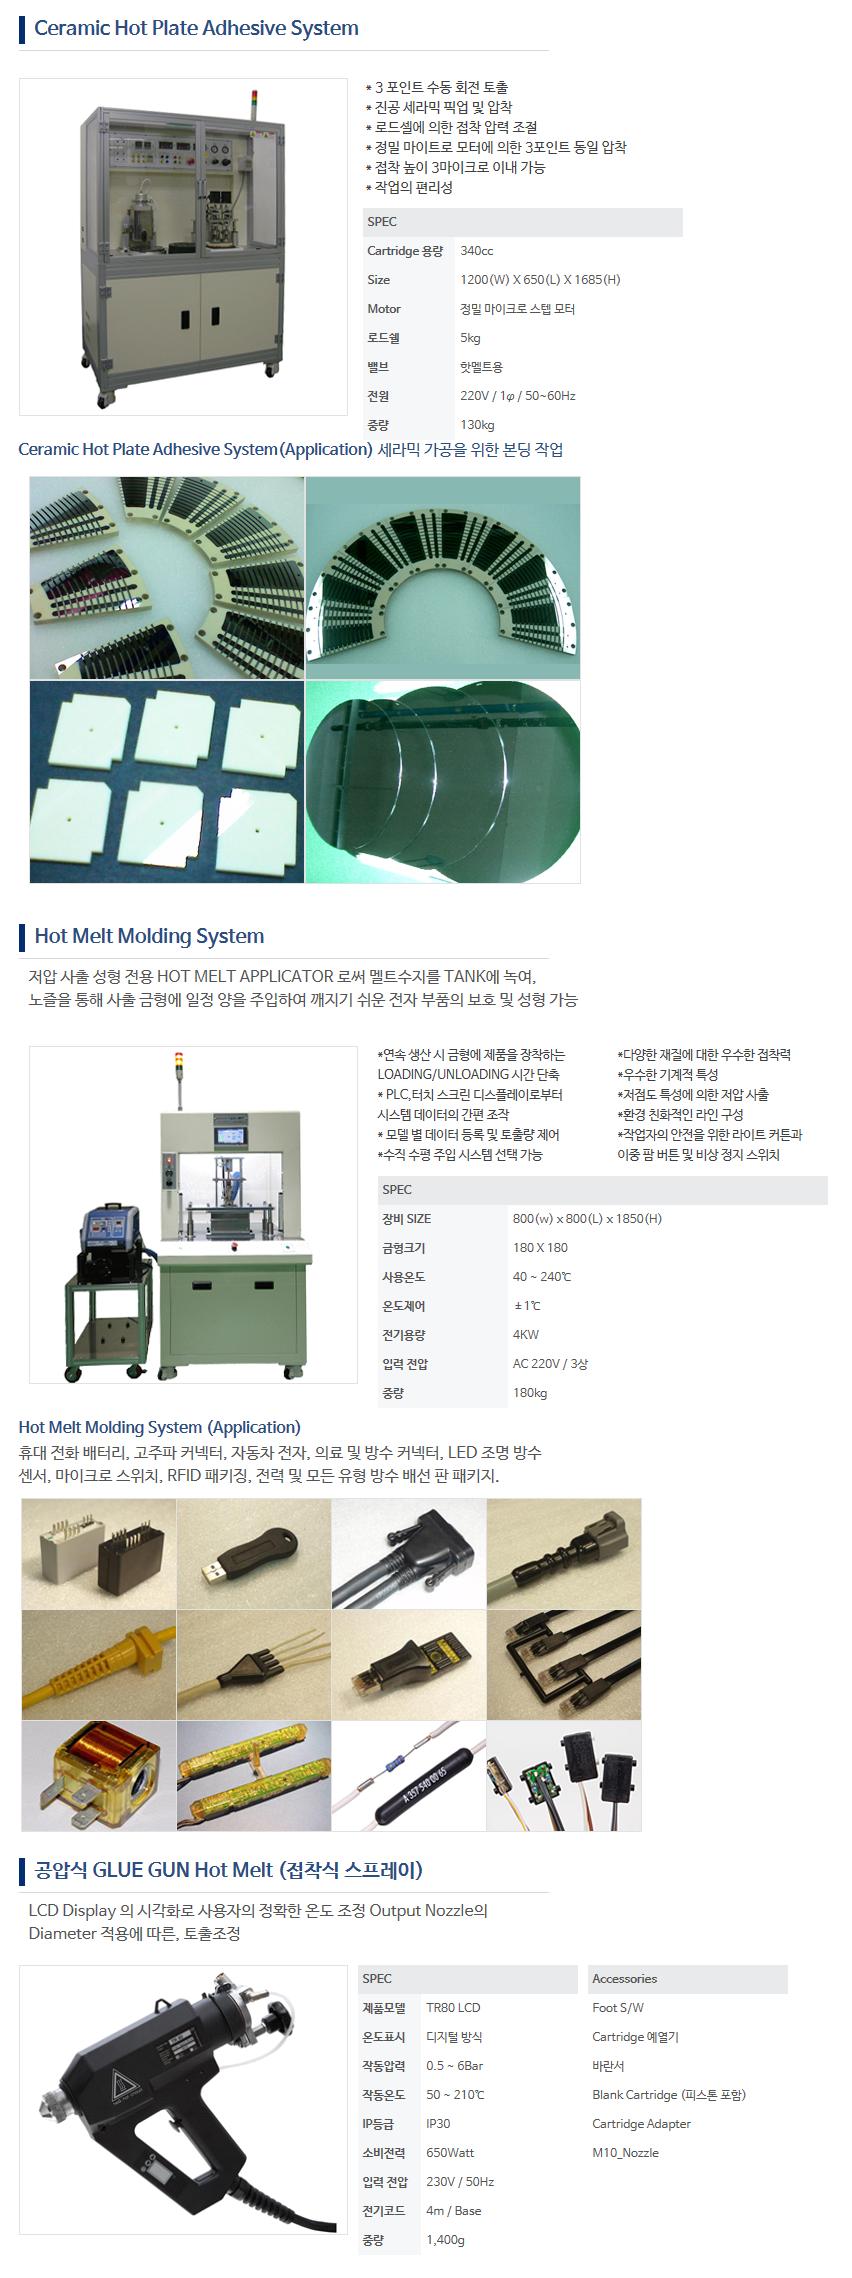 (주)케이엔디시스템 핫멜트 시스템  1